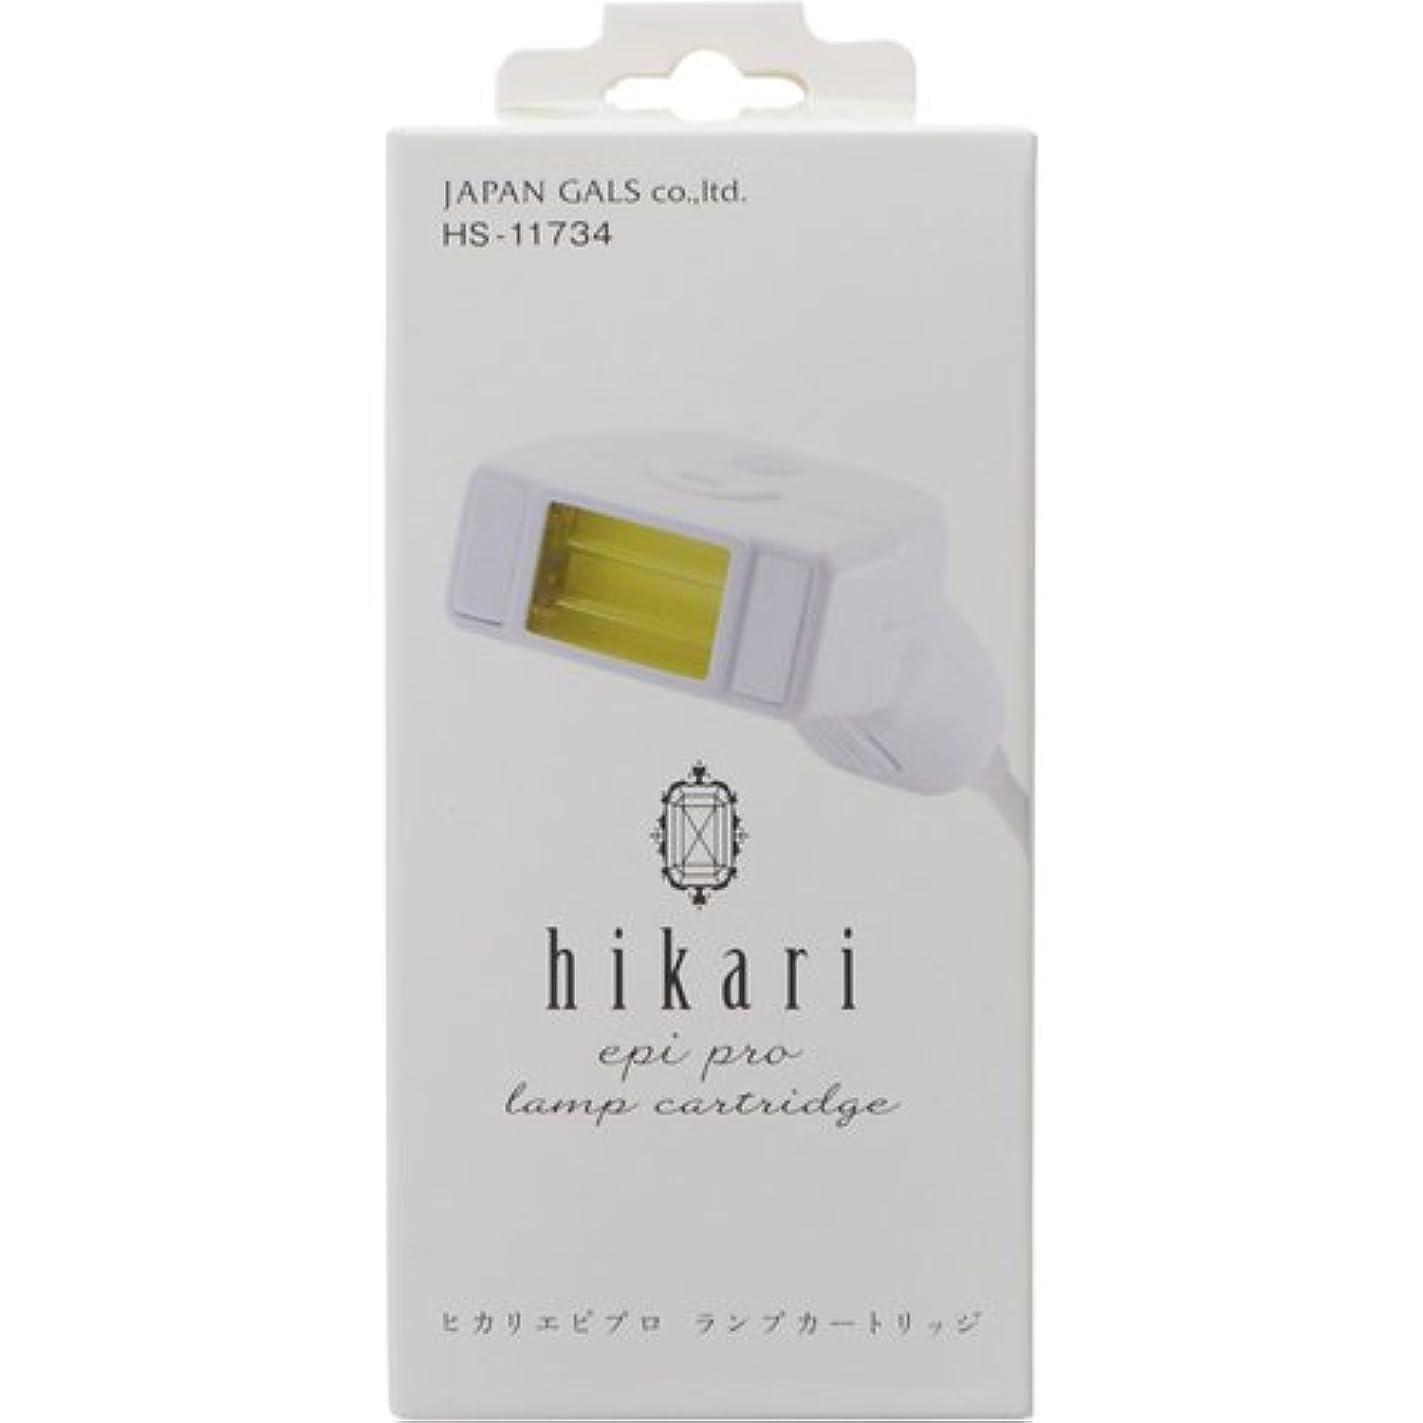 下品式発送hikari epi pro ランプカートリッジ